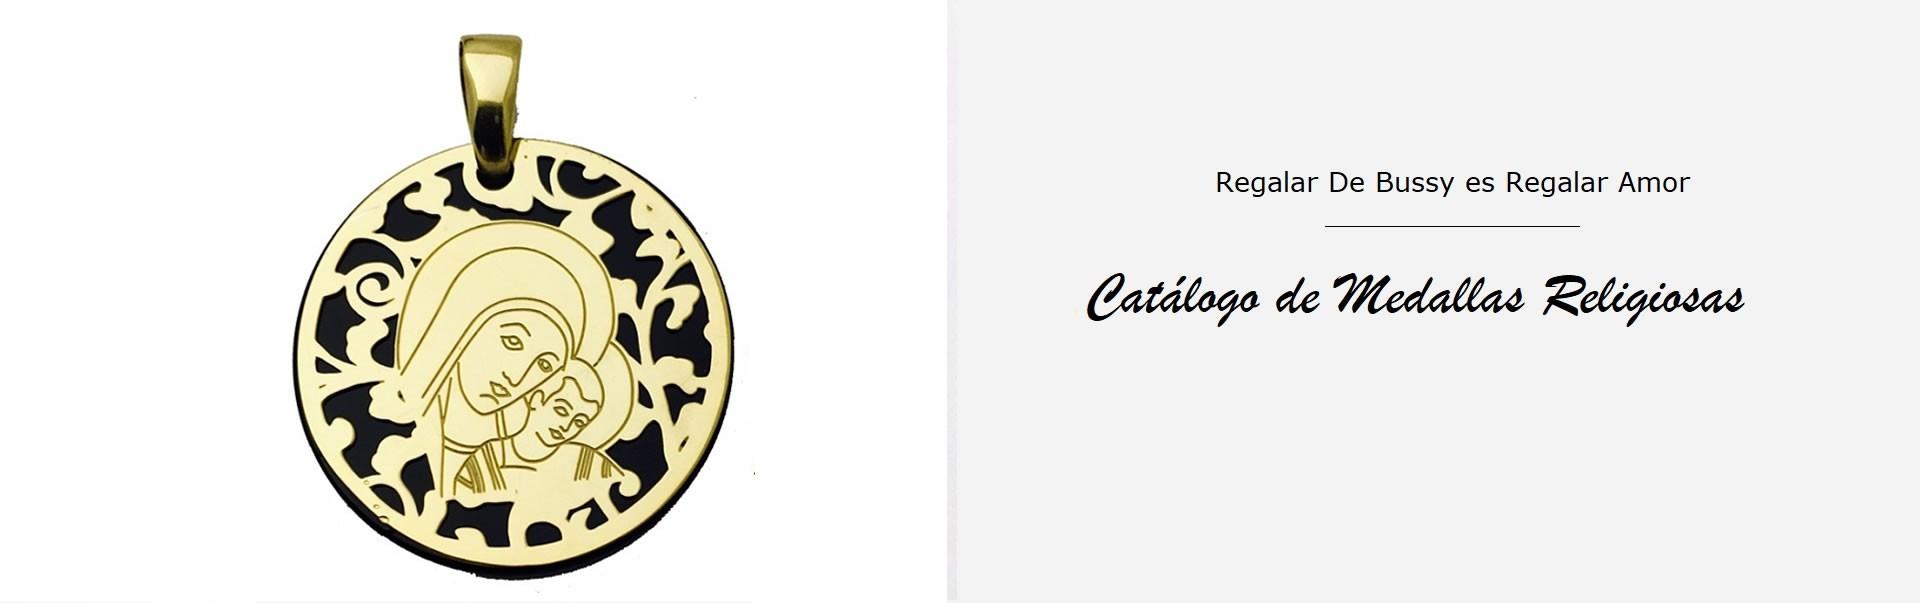 Catalogue Religious Medals